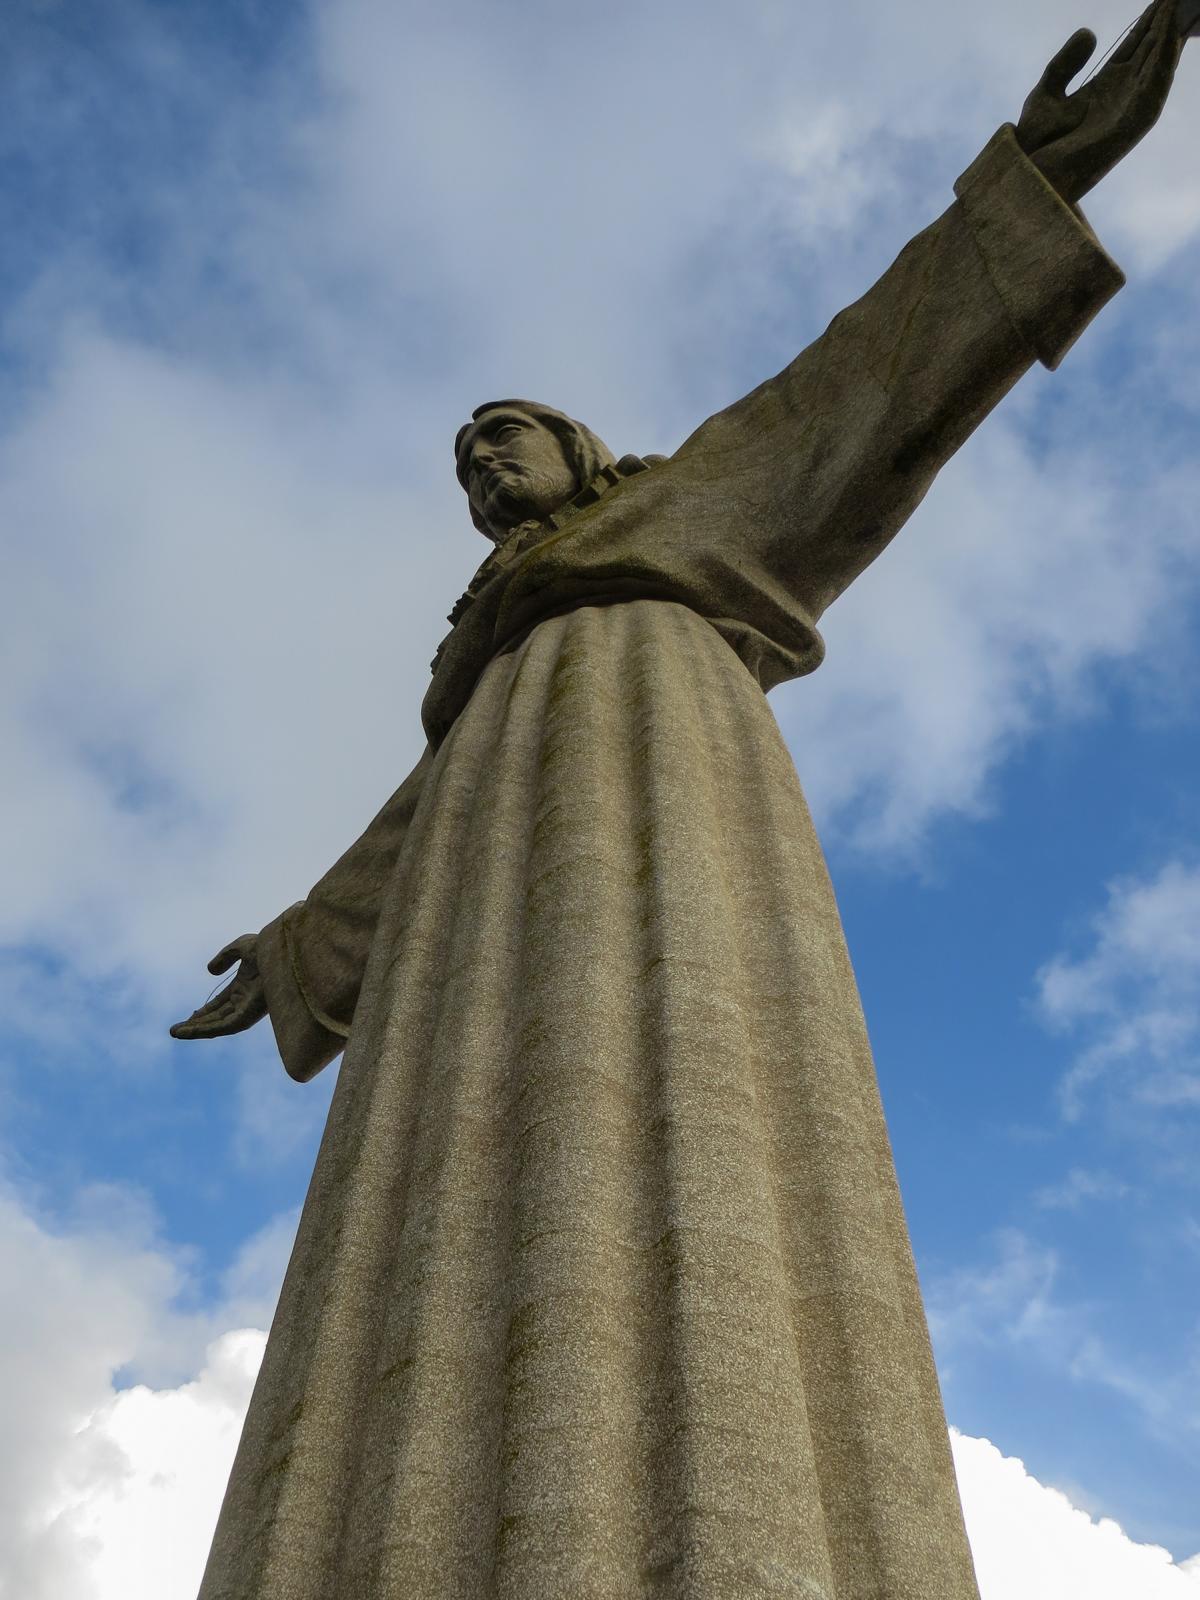 Städtetrip Lissabon Sehenswürdigkeiten ChristusstatueSantuário do Cristo-ReiAlmada Portugal